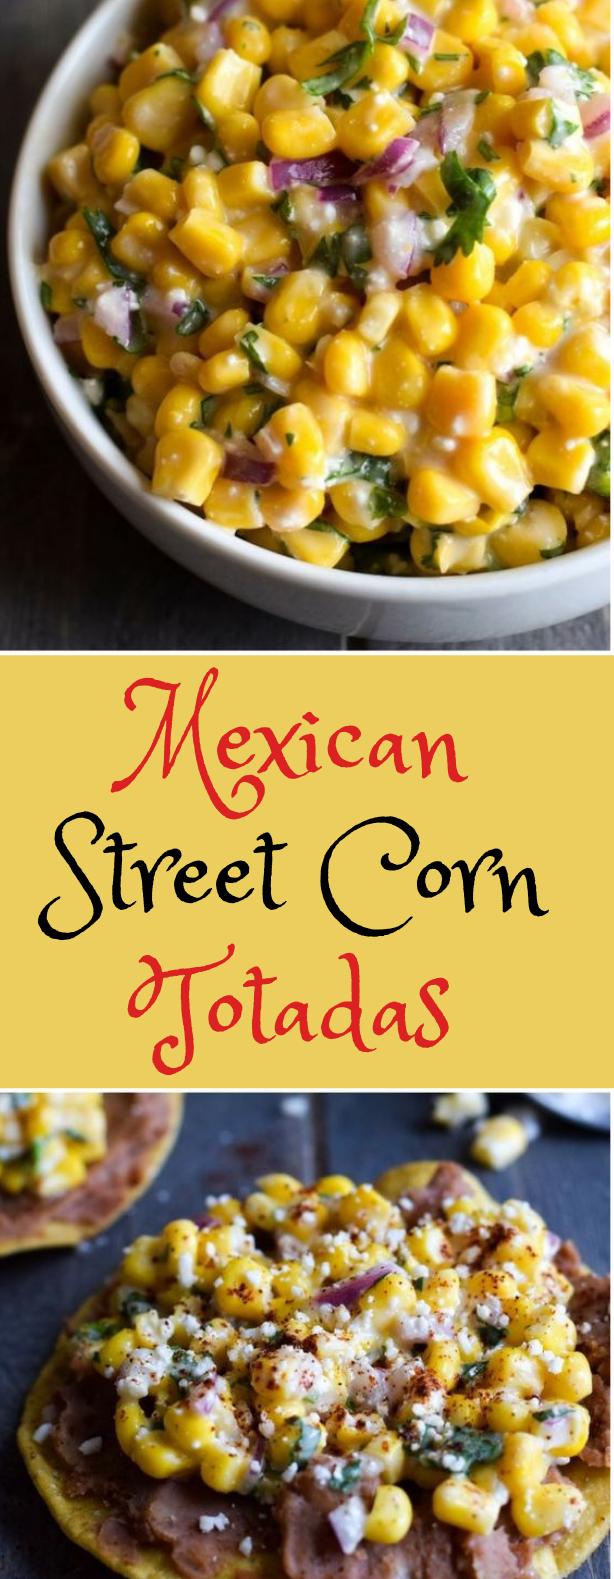 Mexican Street Corn Tostadas #corn #vegetarian